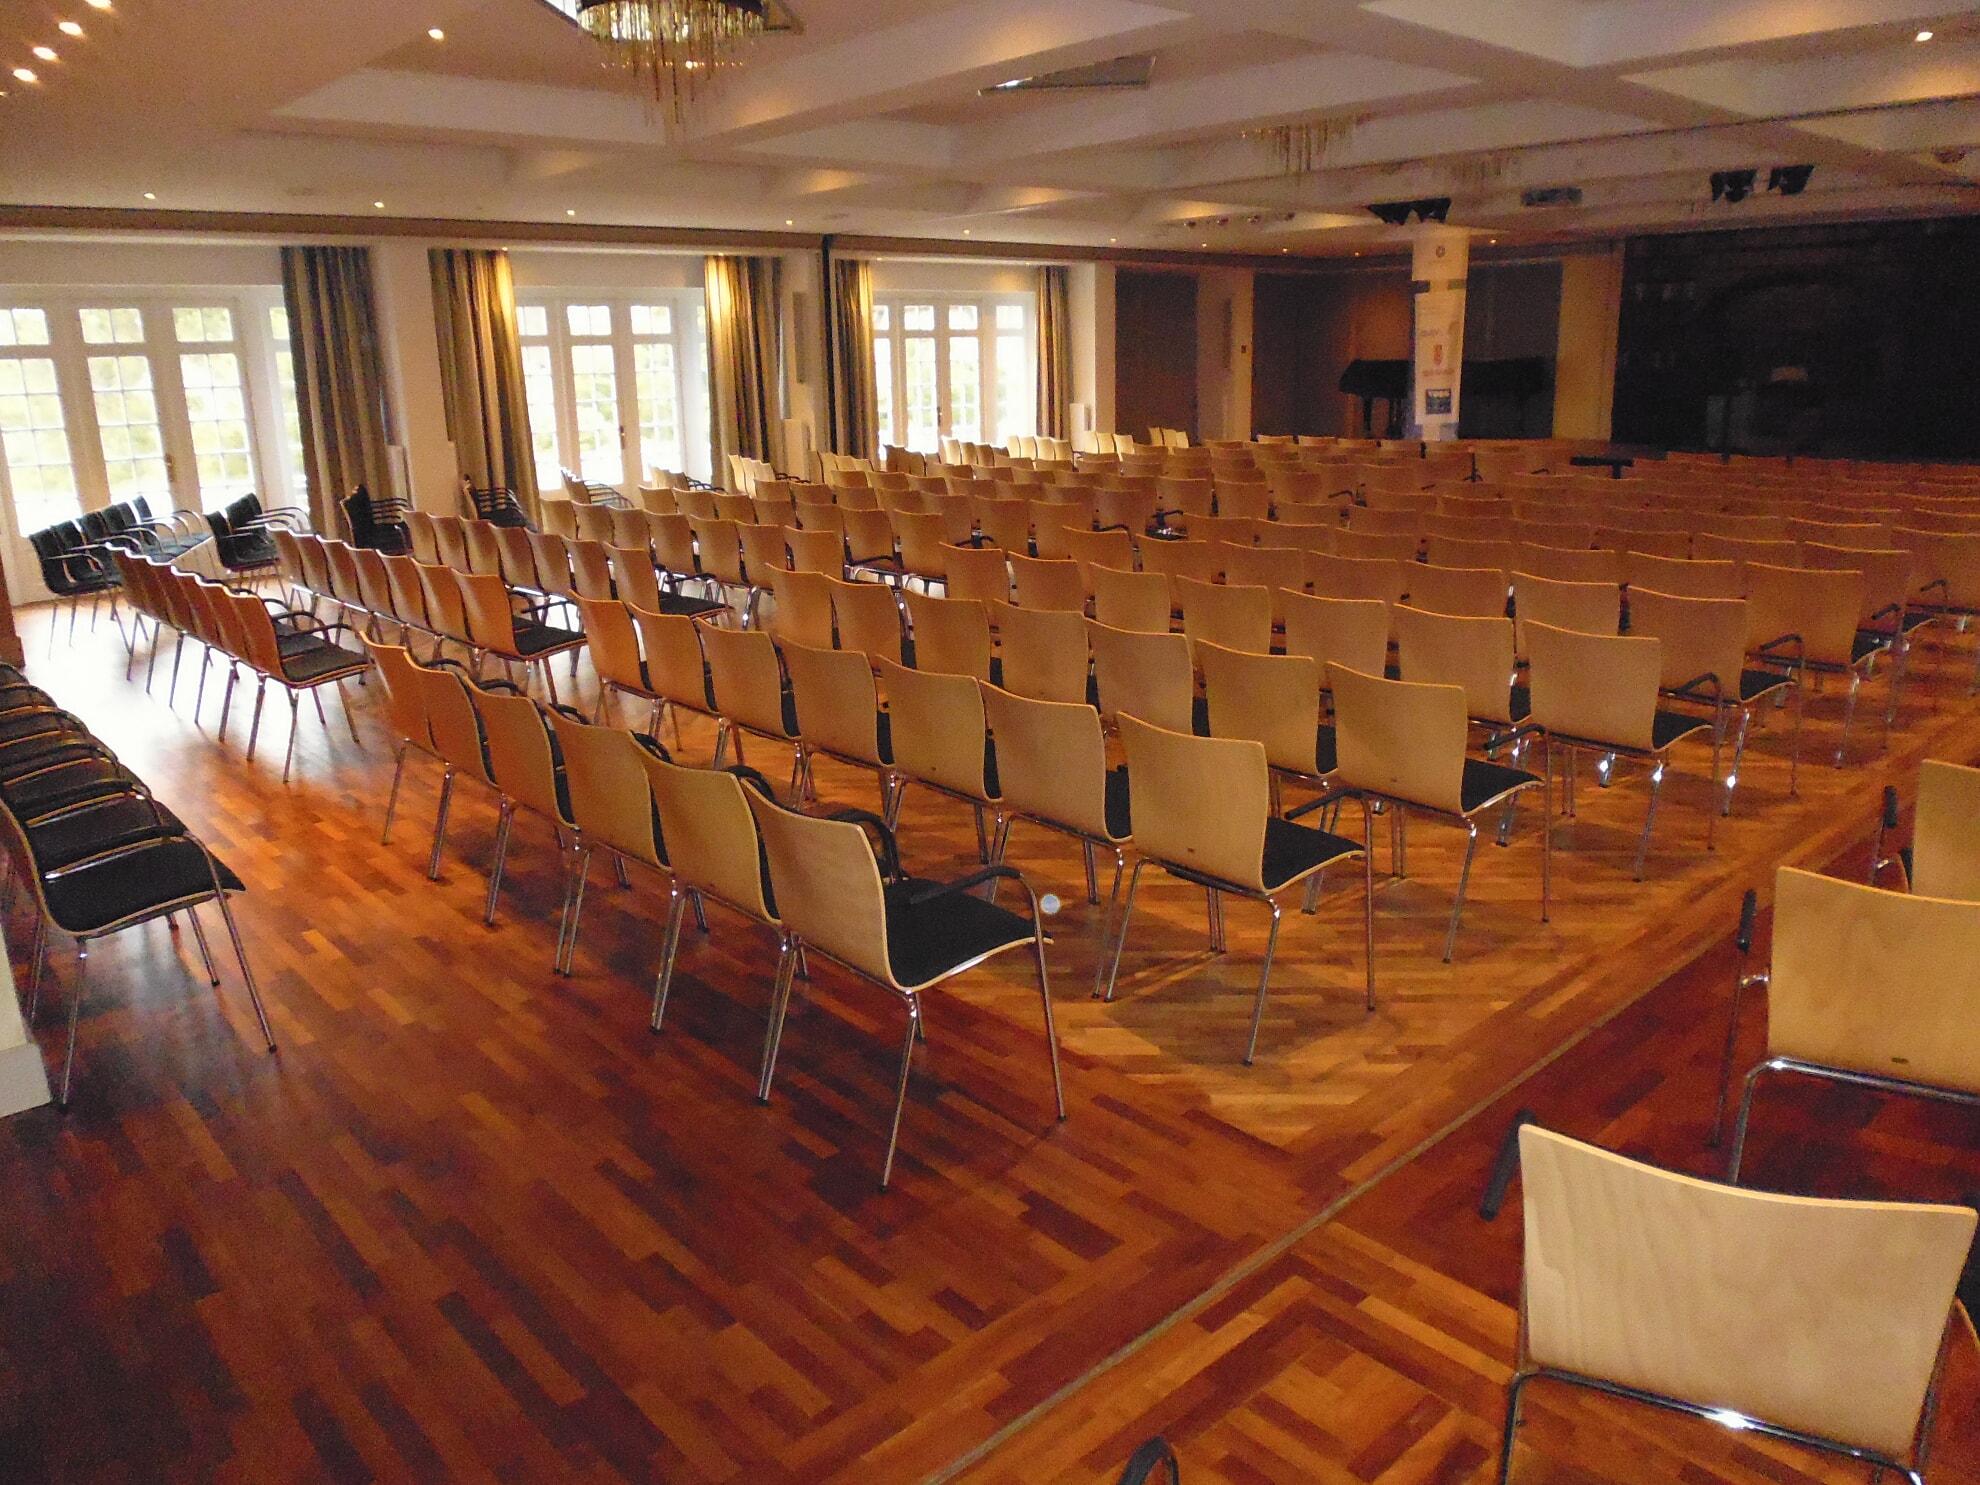 Der große Saal im Kaamp-Hüs